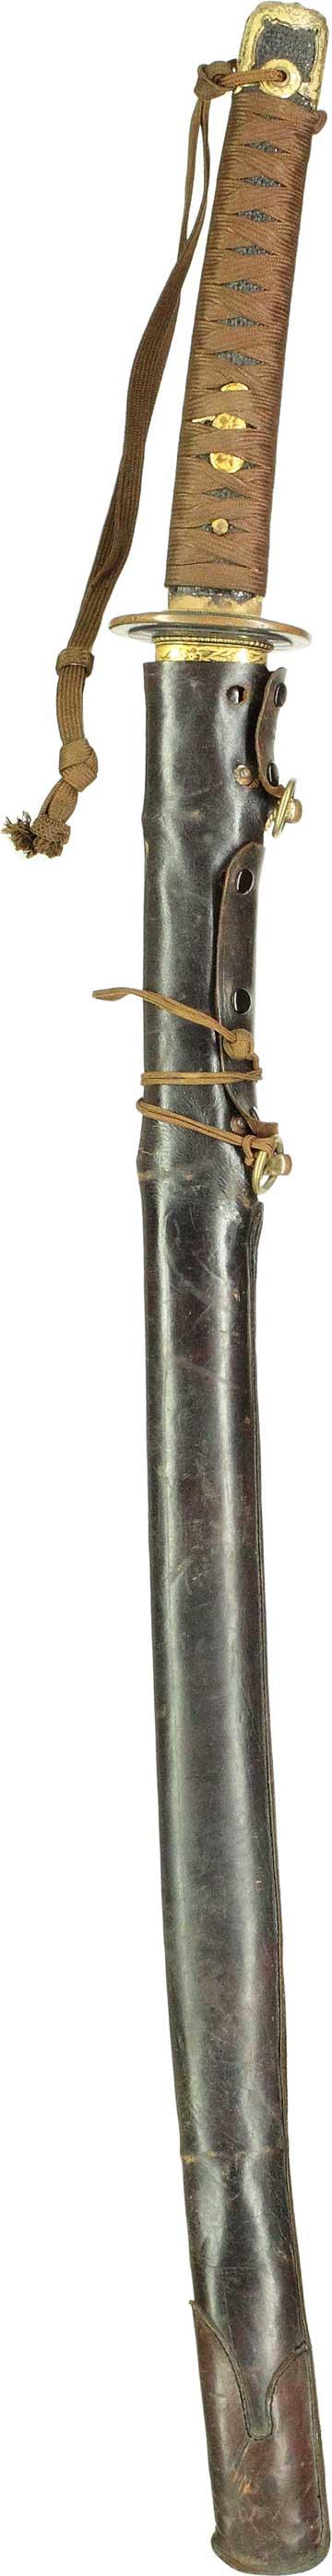 海軍軍刀拵え表縦全景